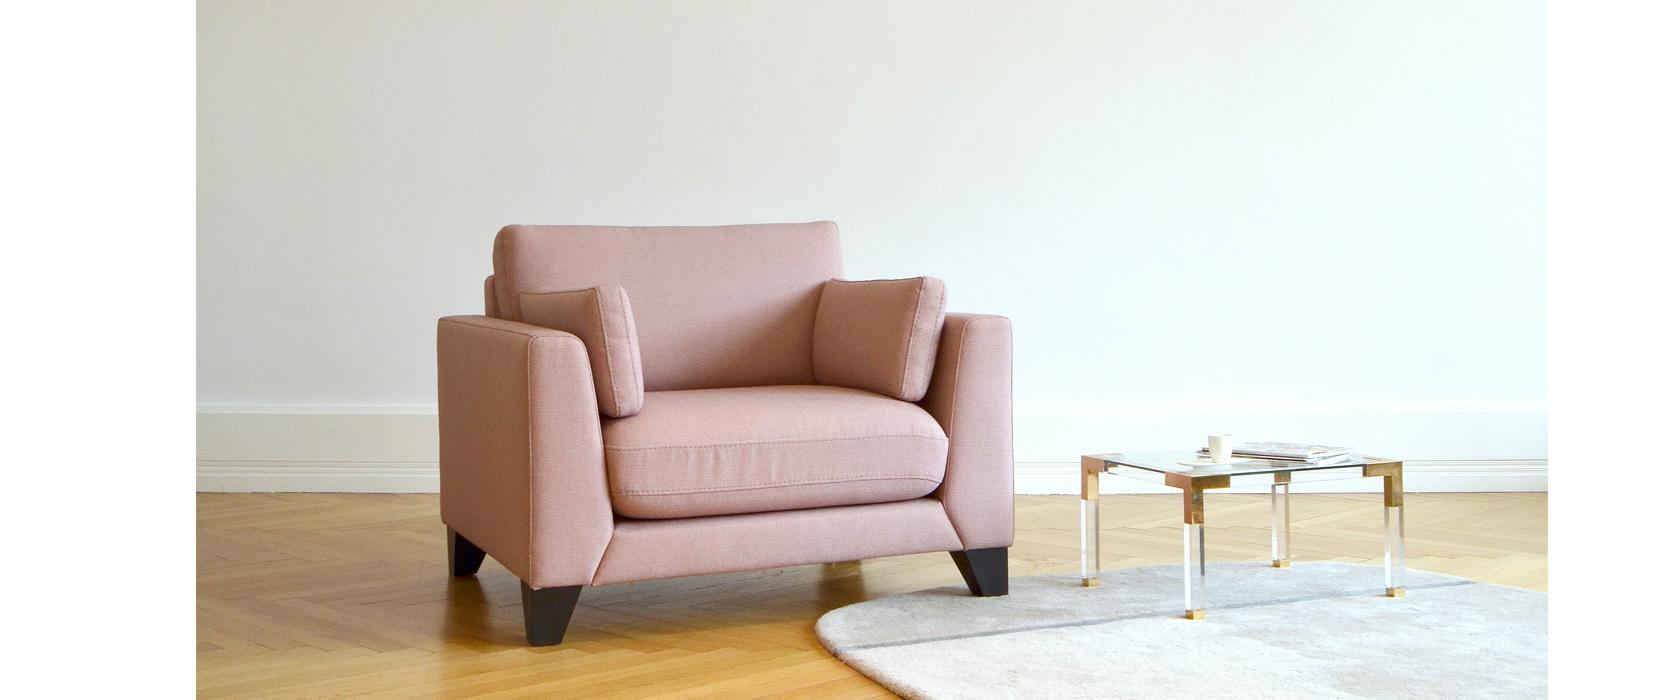 Кресло Paolo - Фото 1 - Pufetto